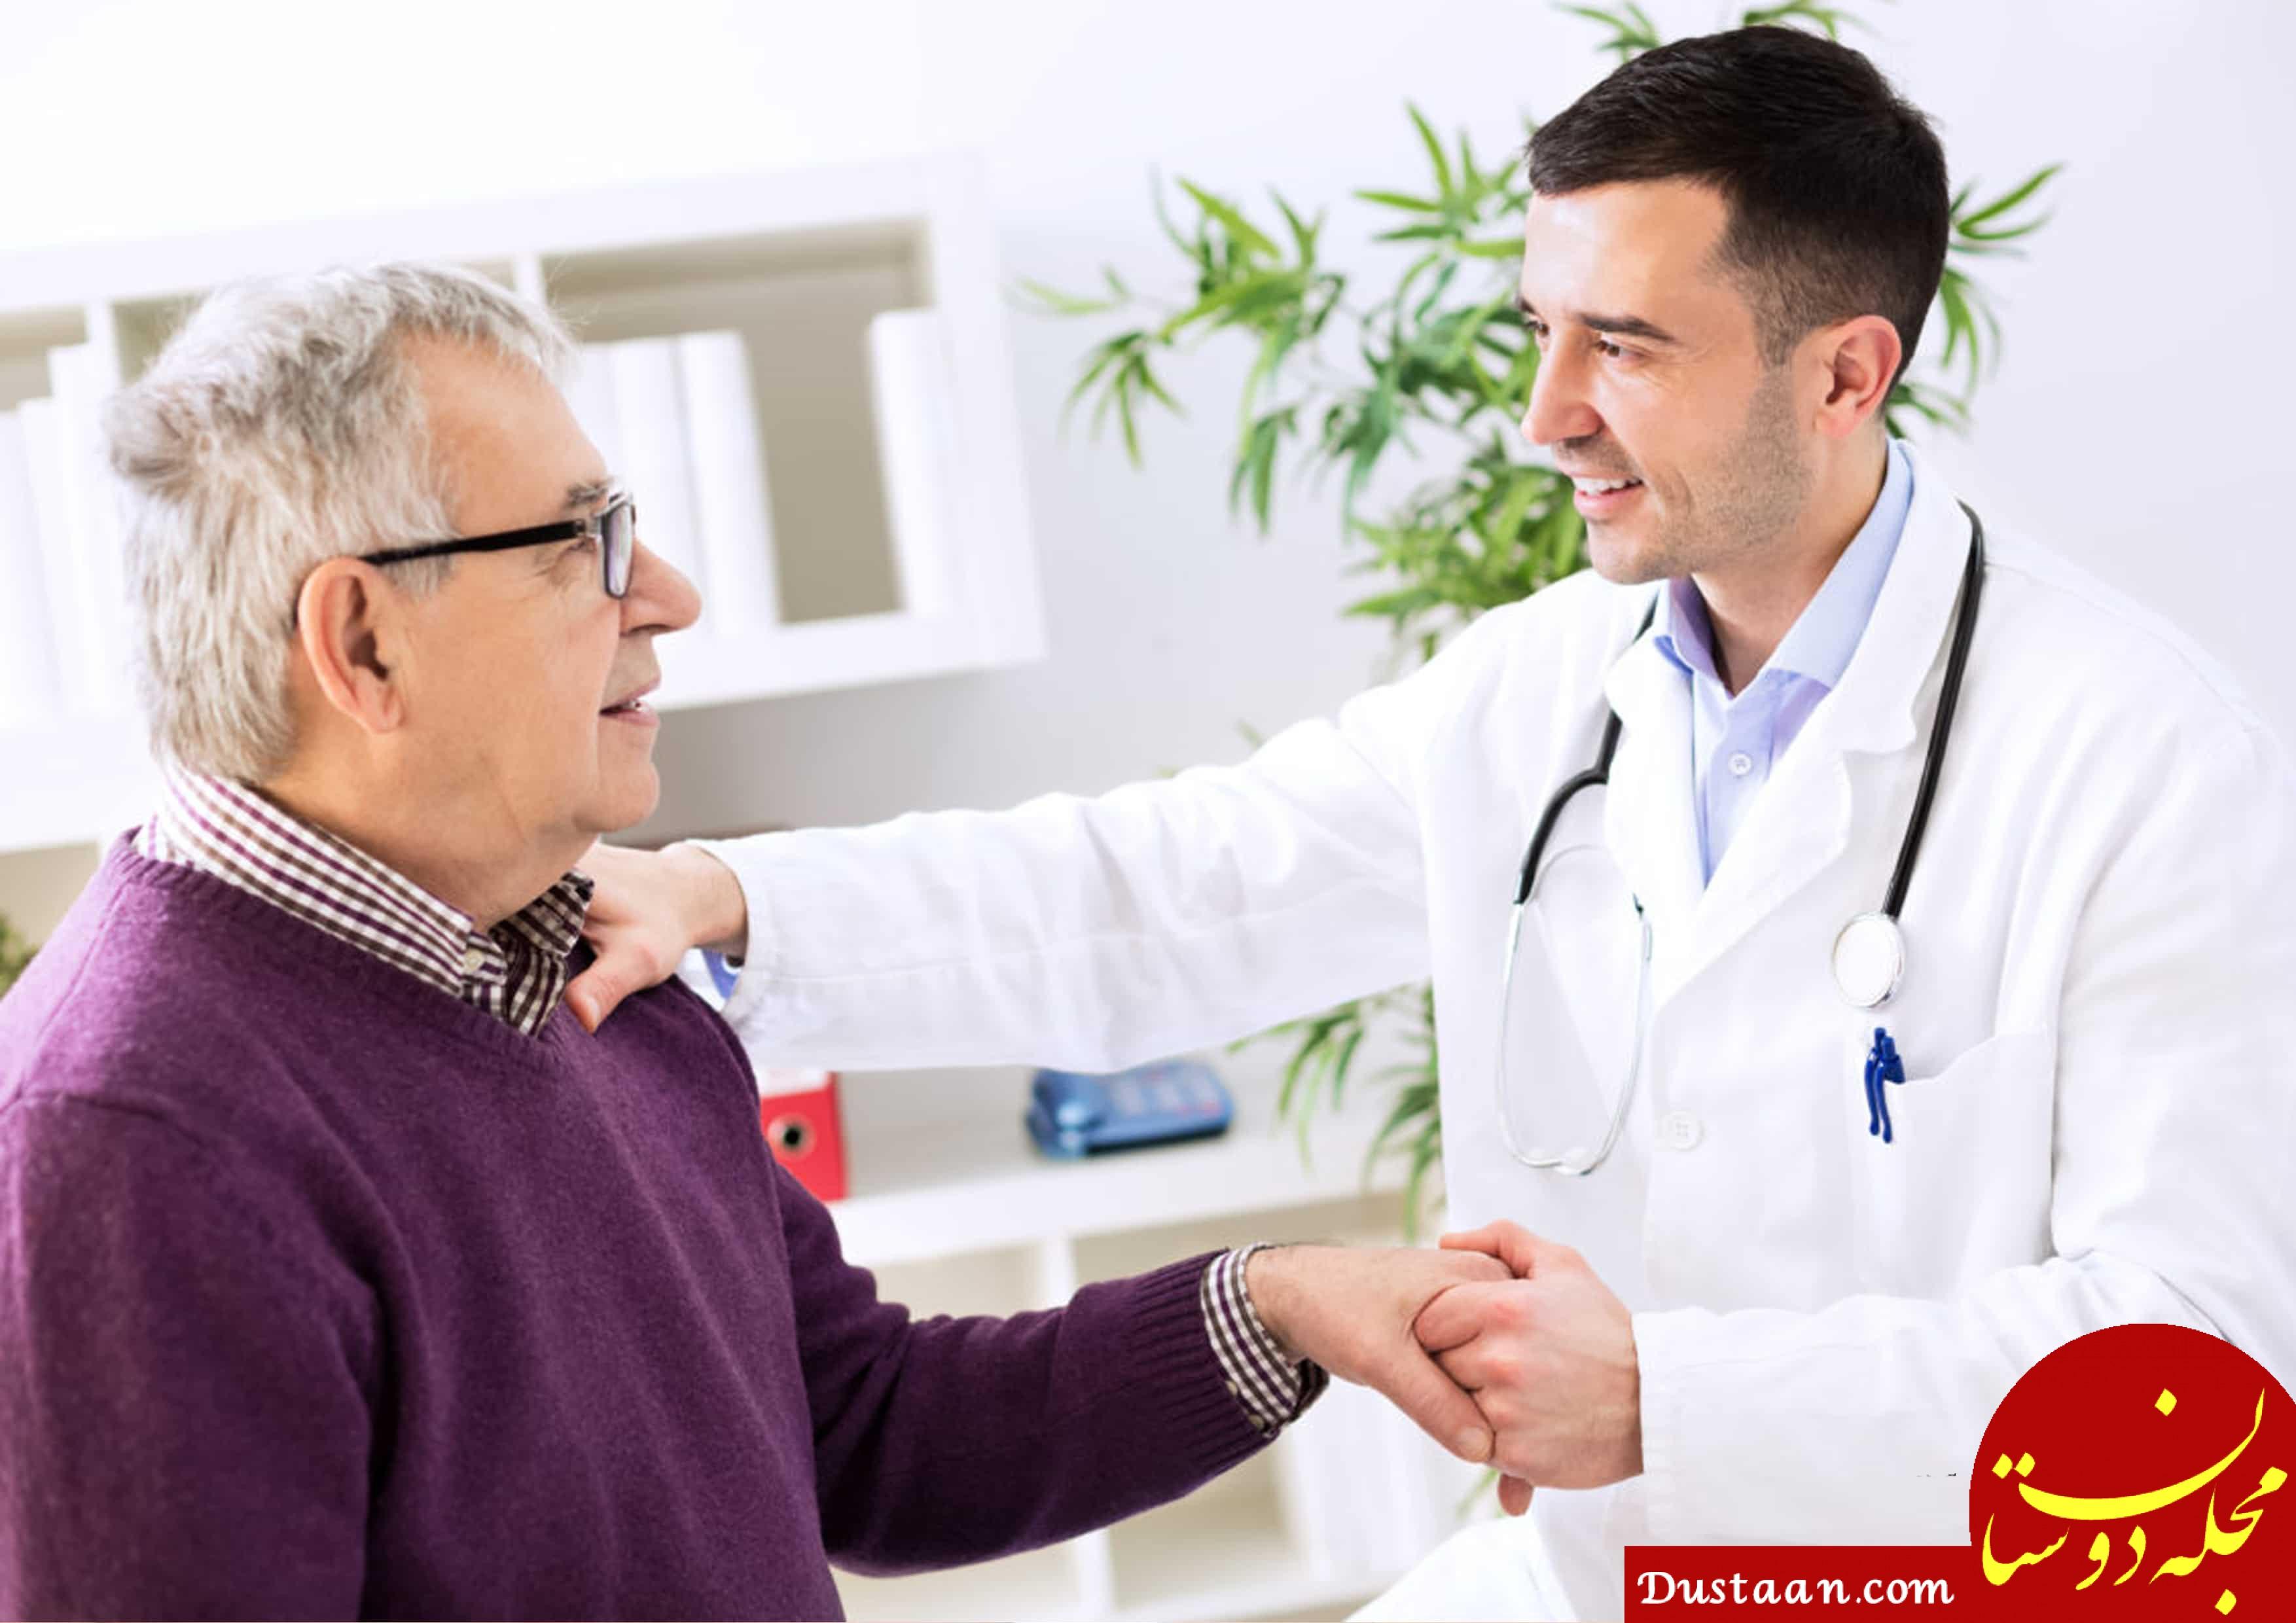 www.dustaan.com هزینه های پزشکی، بیماران را به خوددرمانی کشانده!